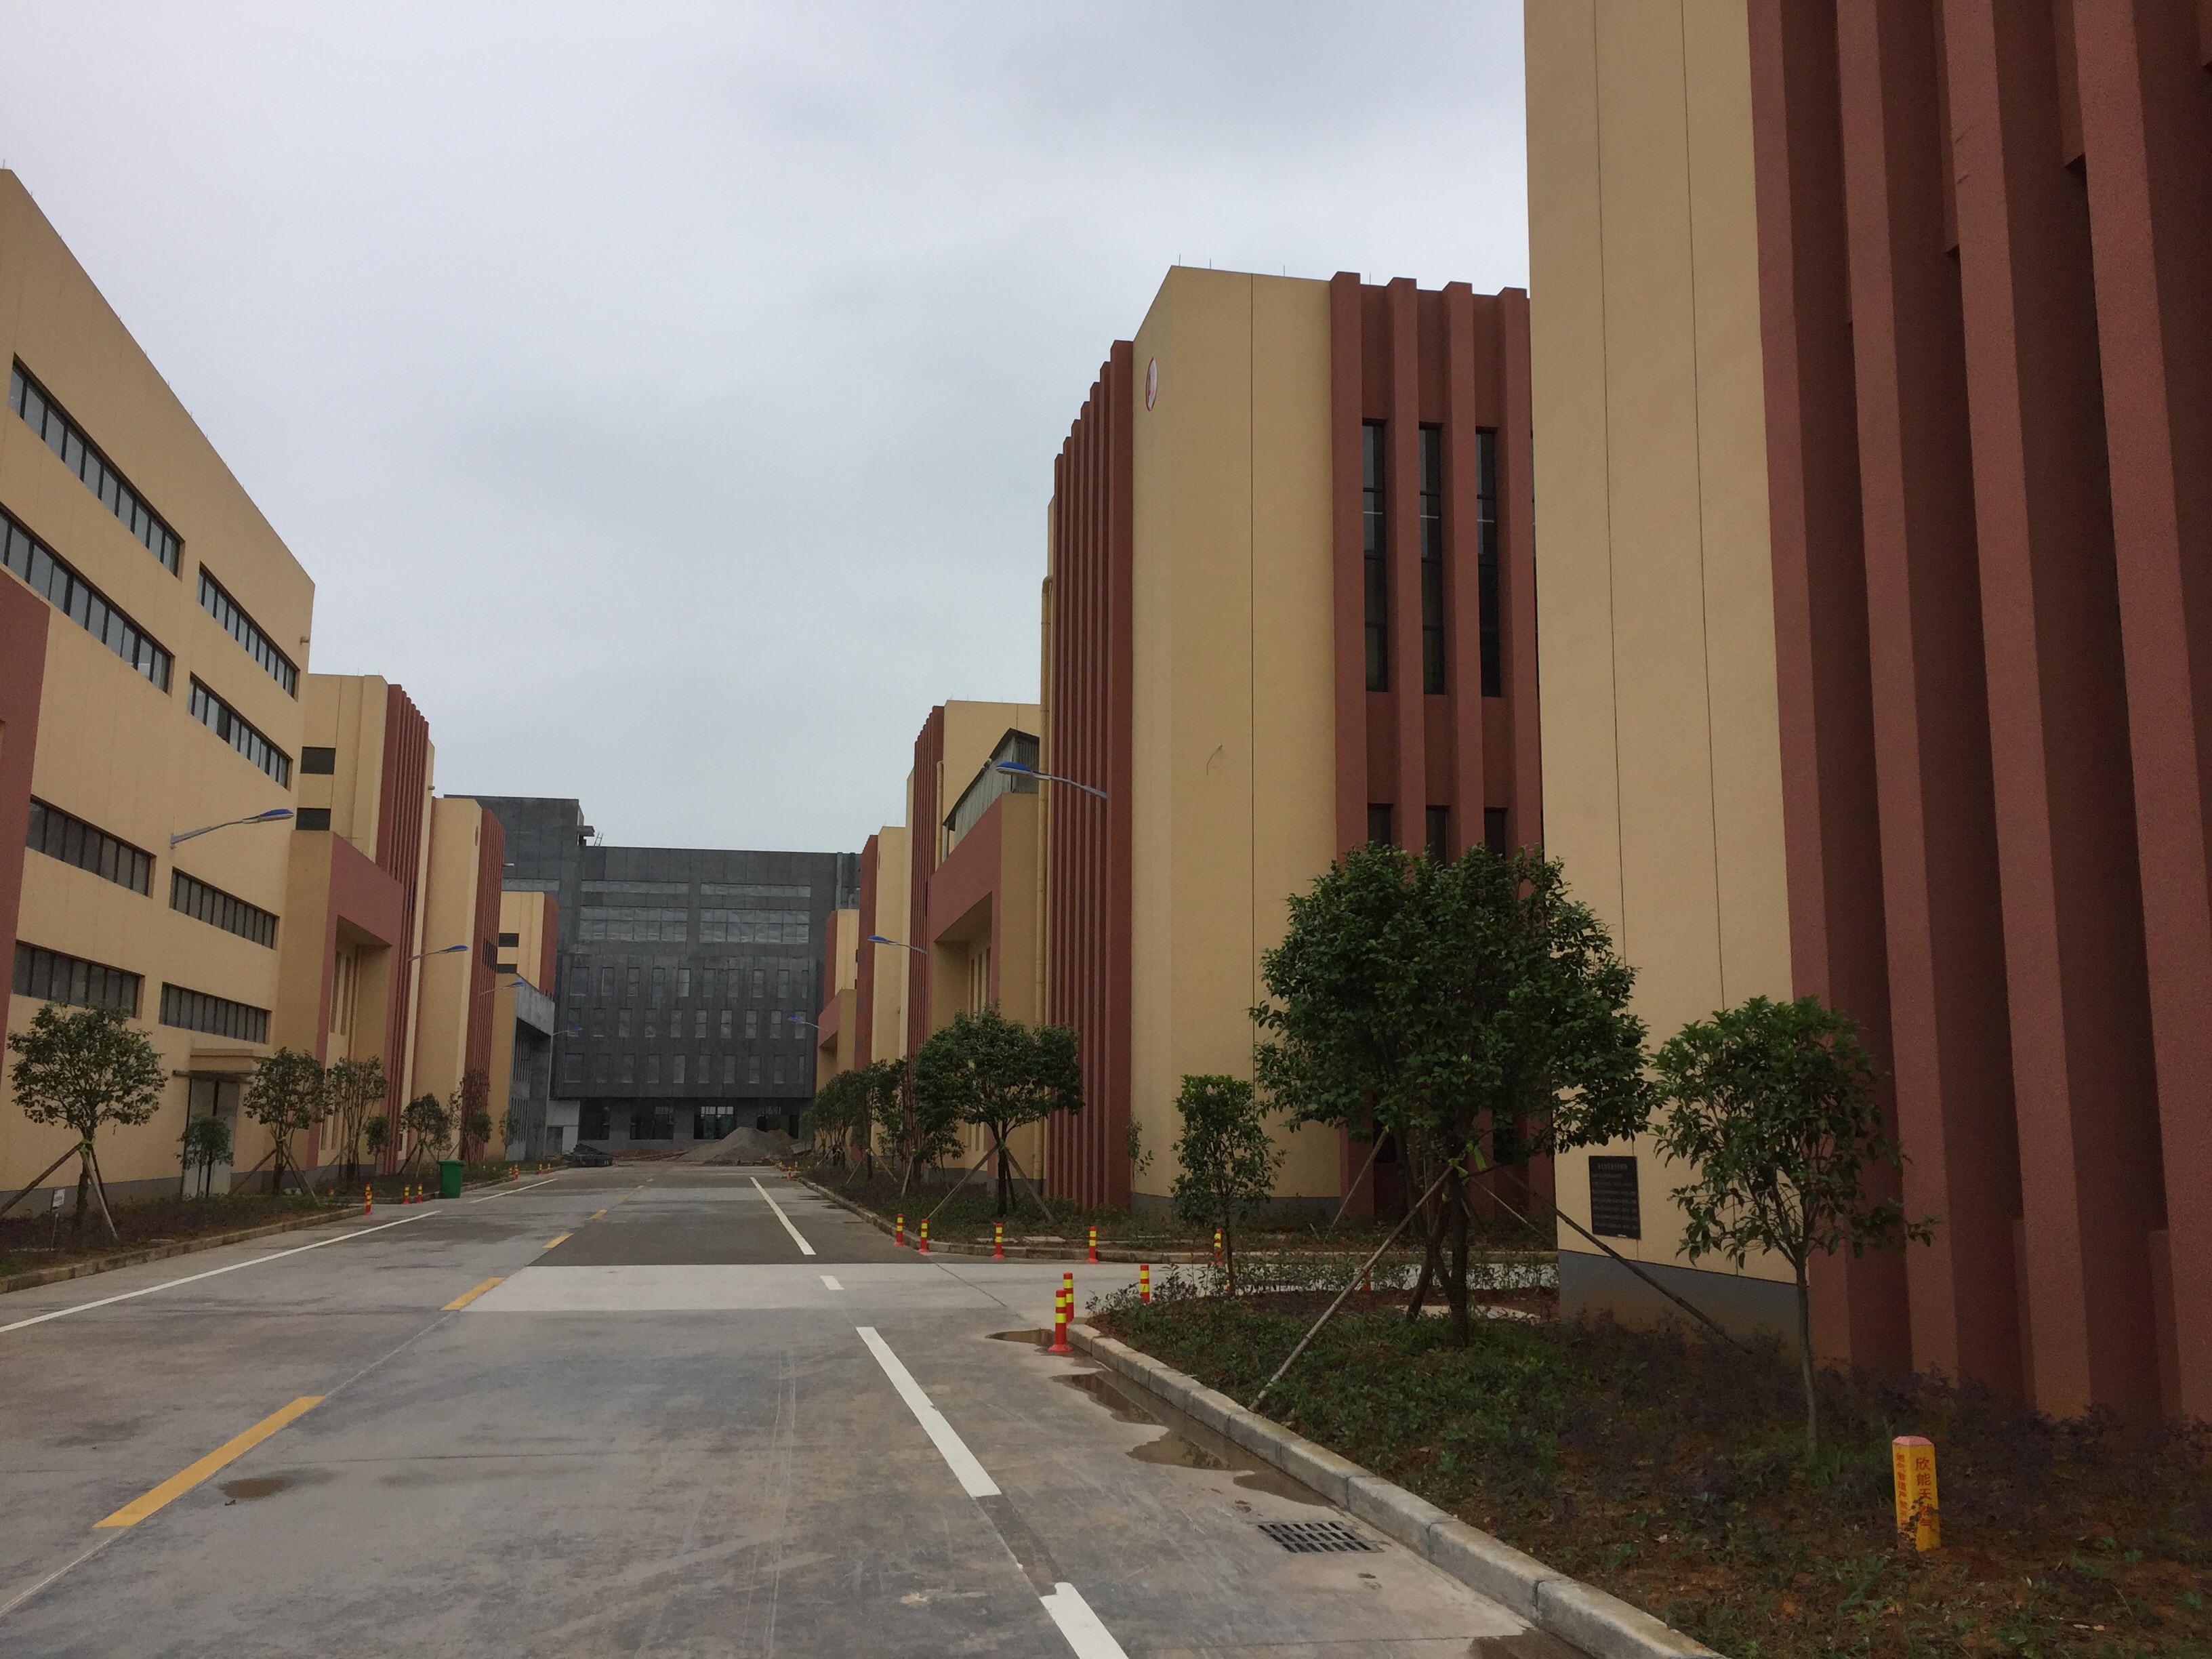 DM本社工場